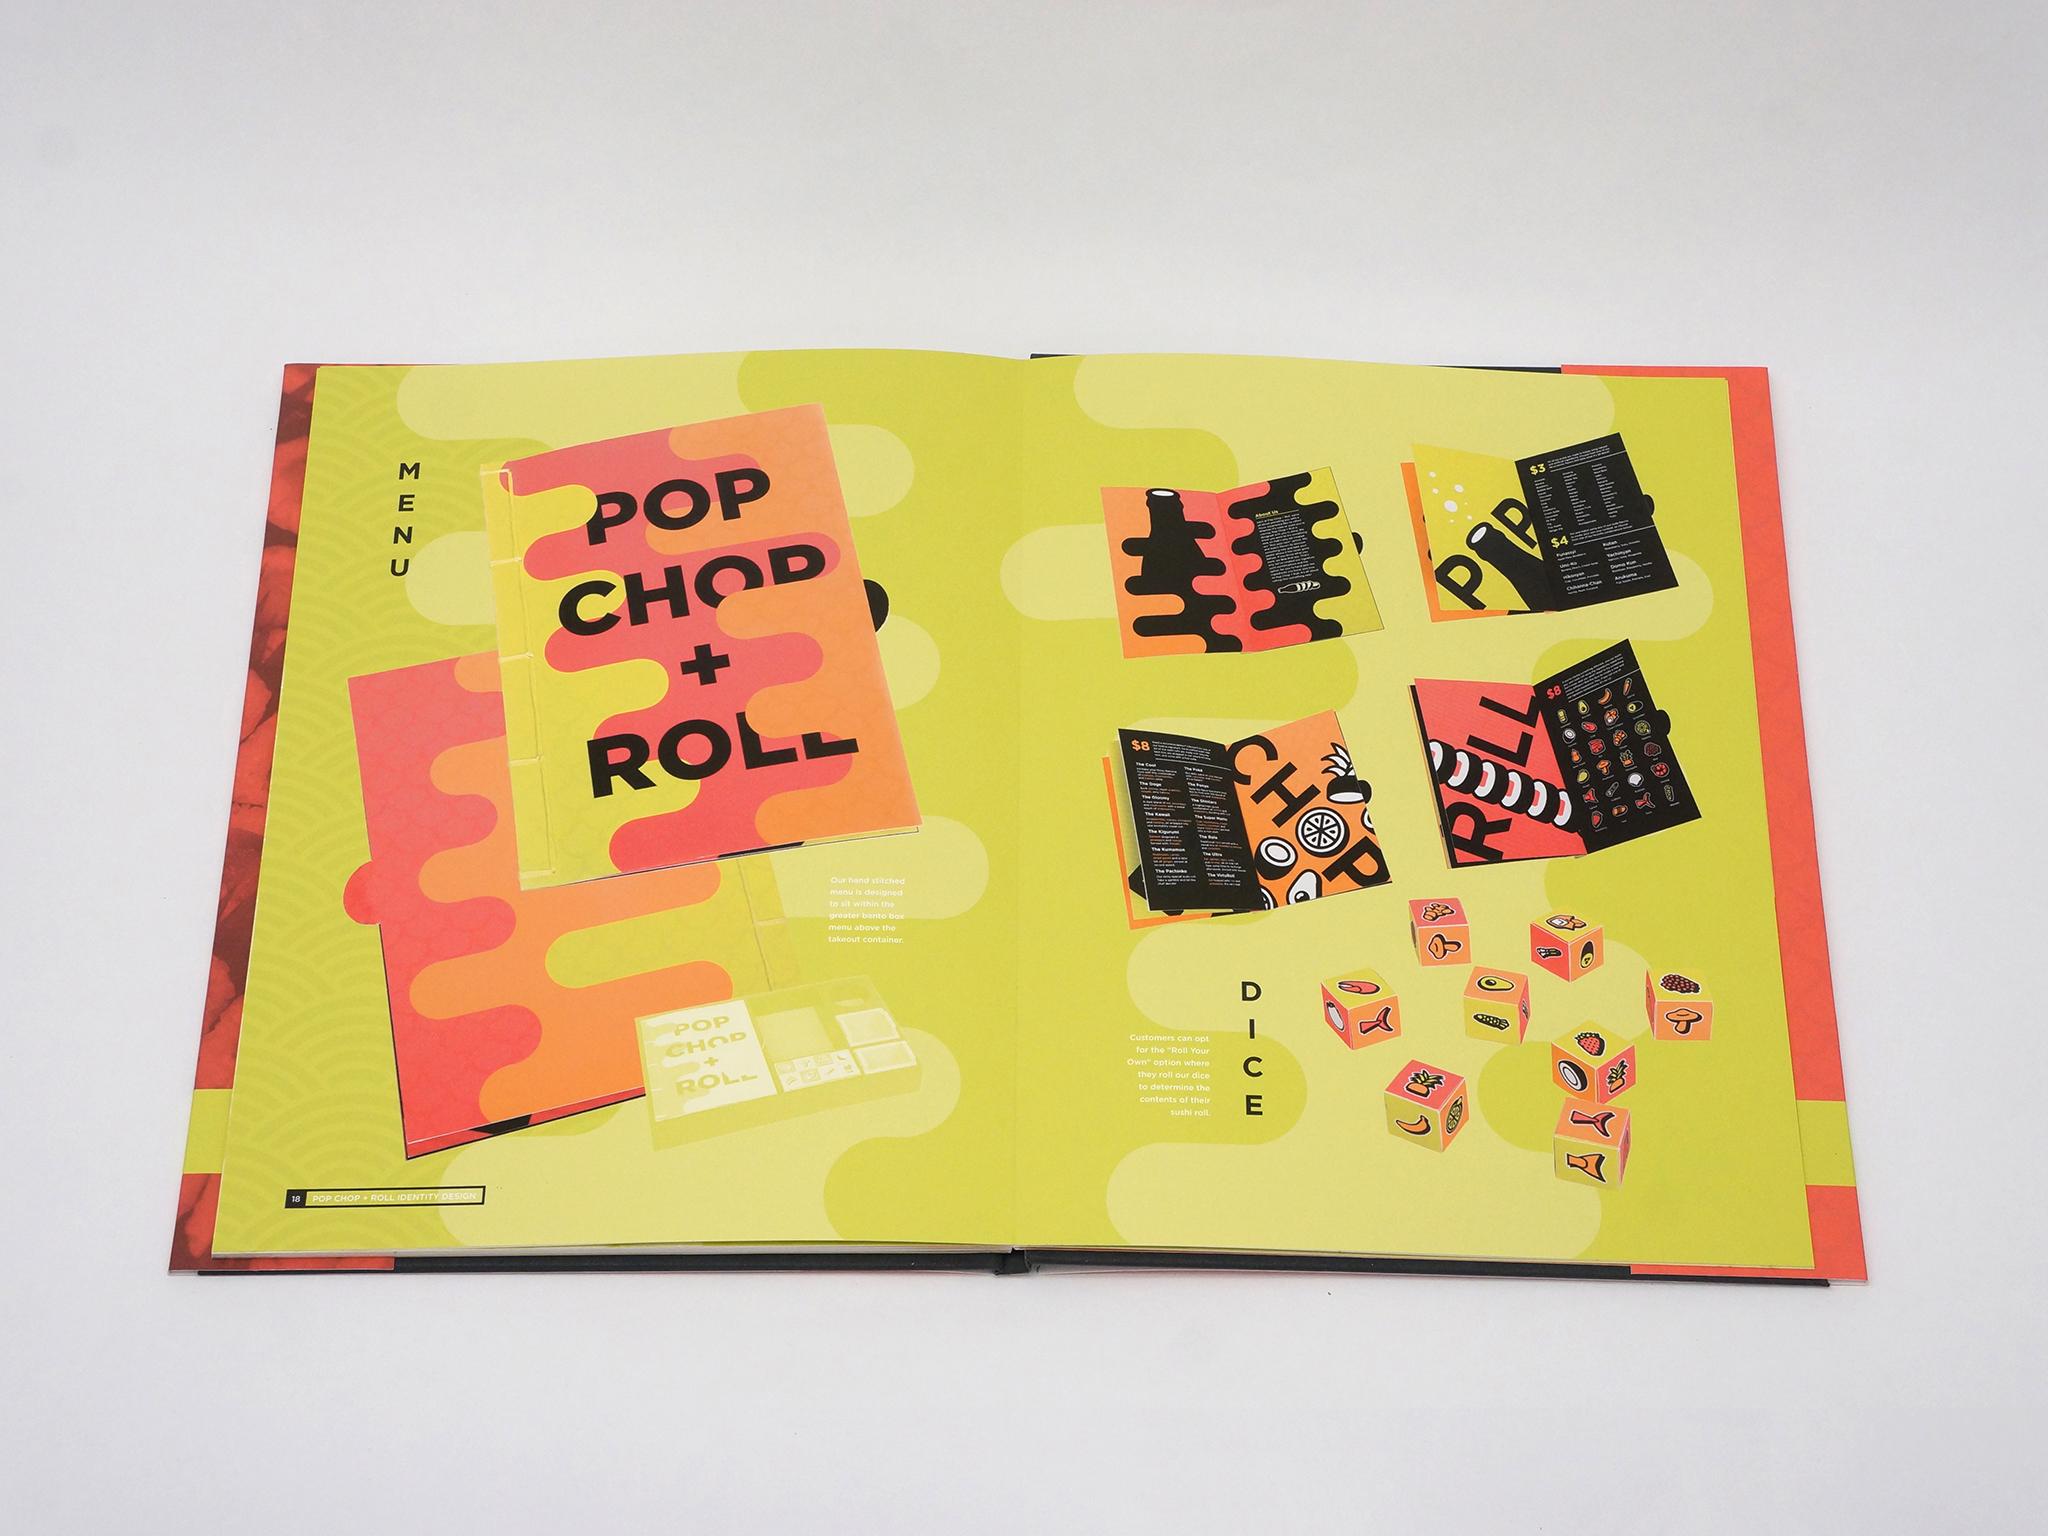 pcr_book_11.jpg